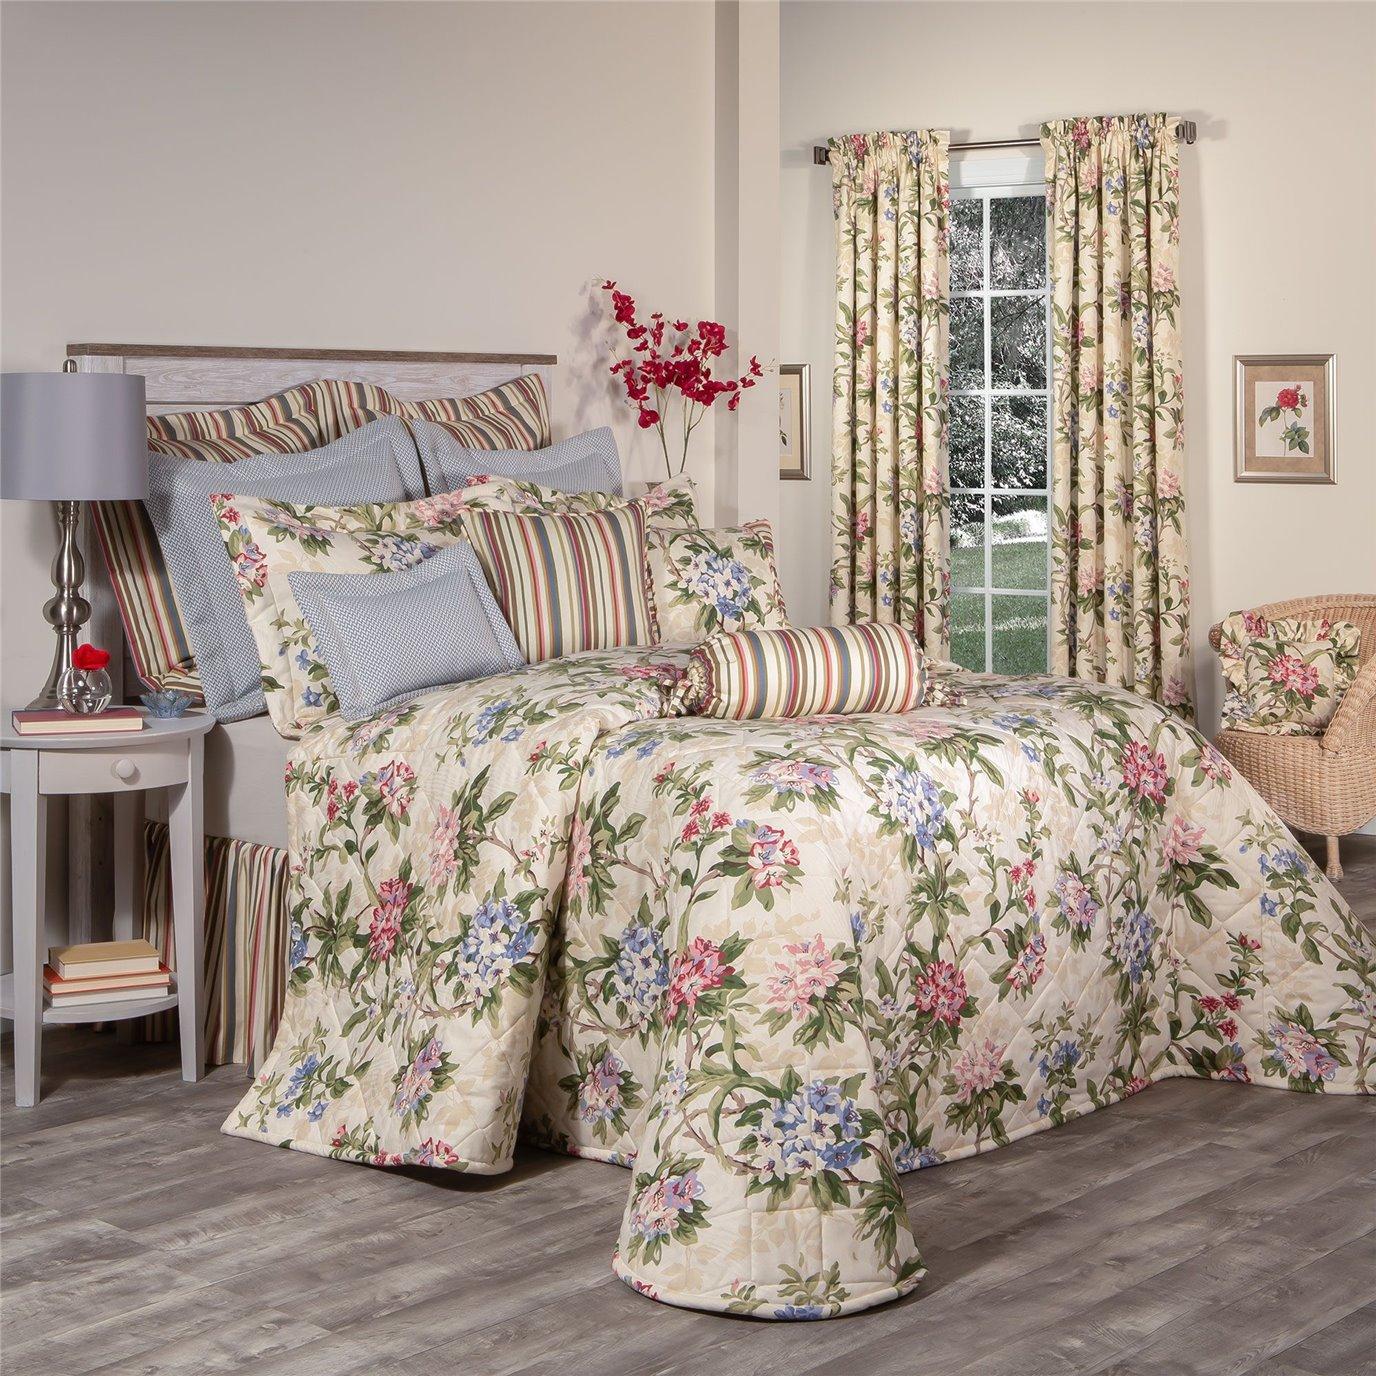 Hillhouse Twin Bedspread